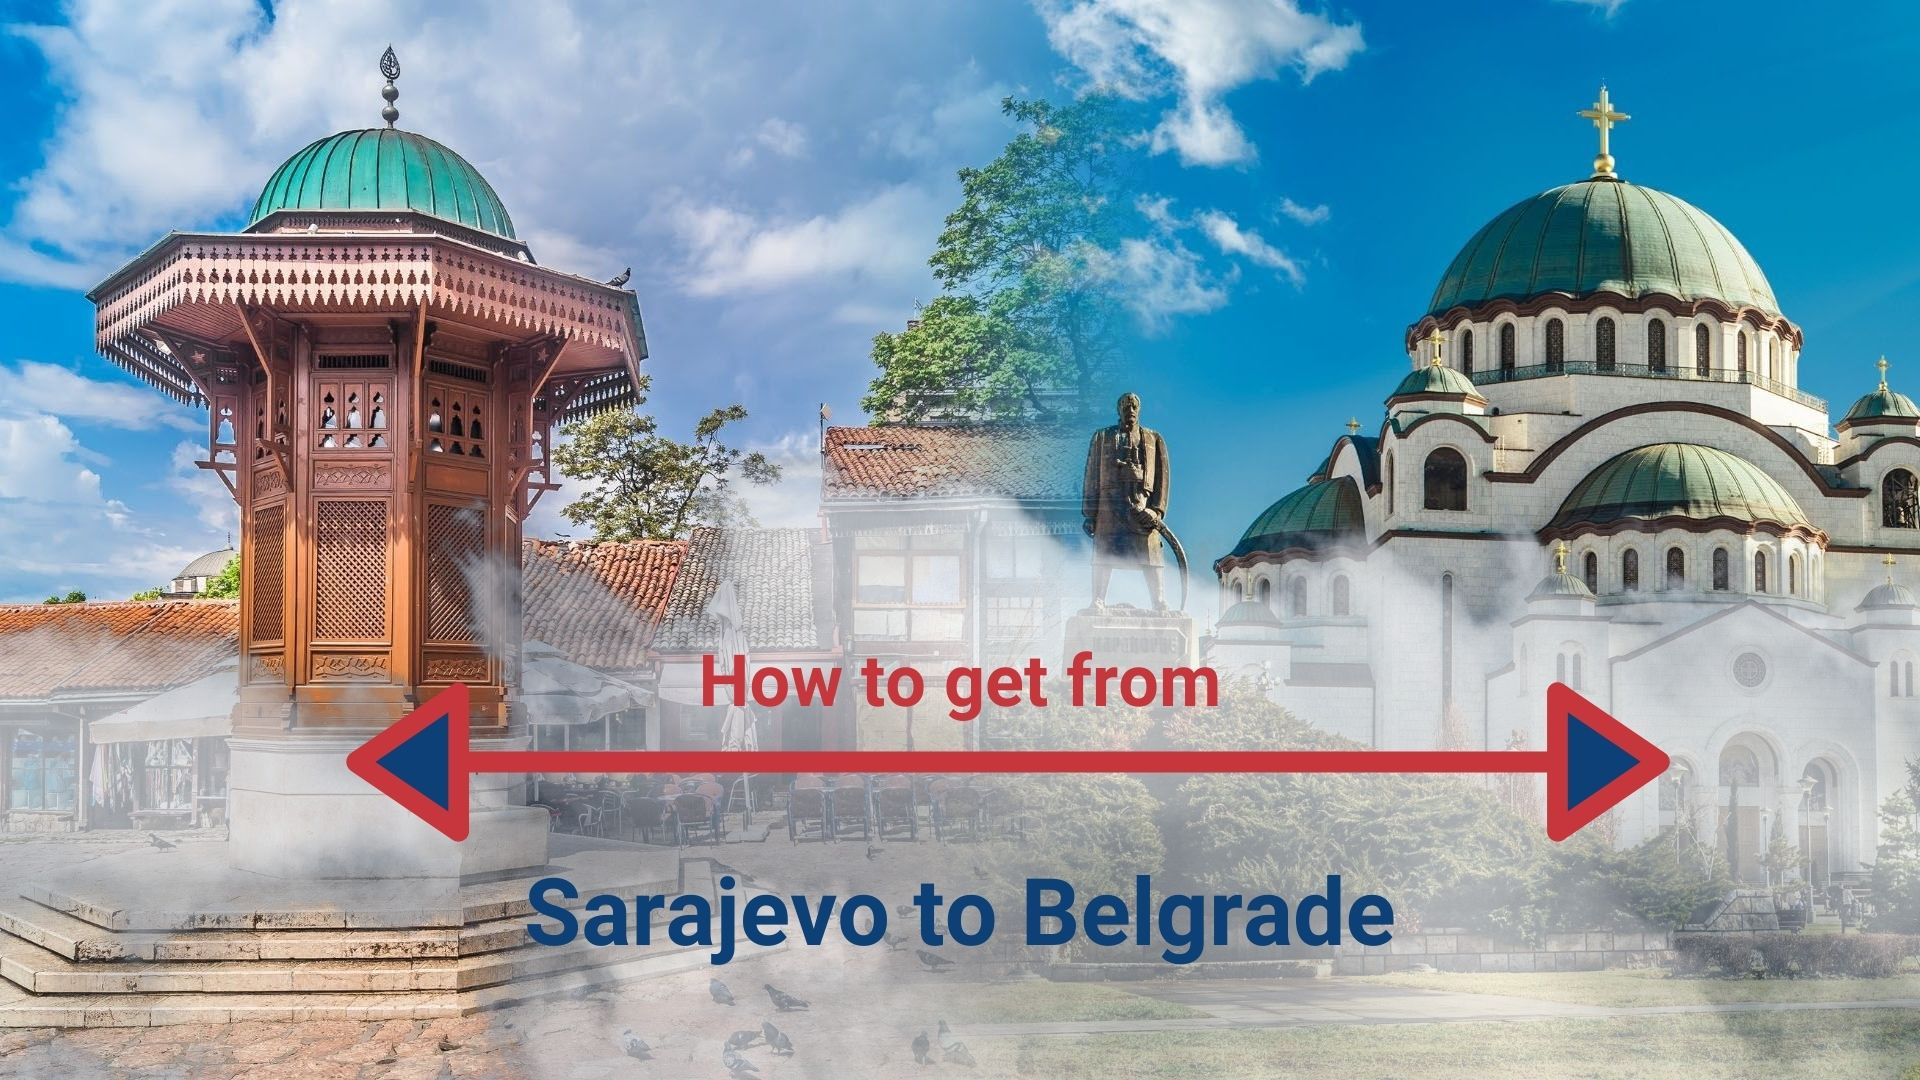 How do I get from Belgrade to Sarajevo